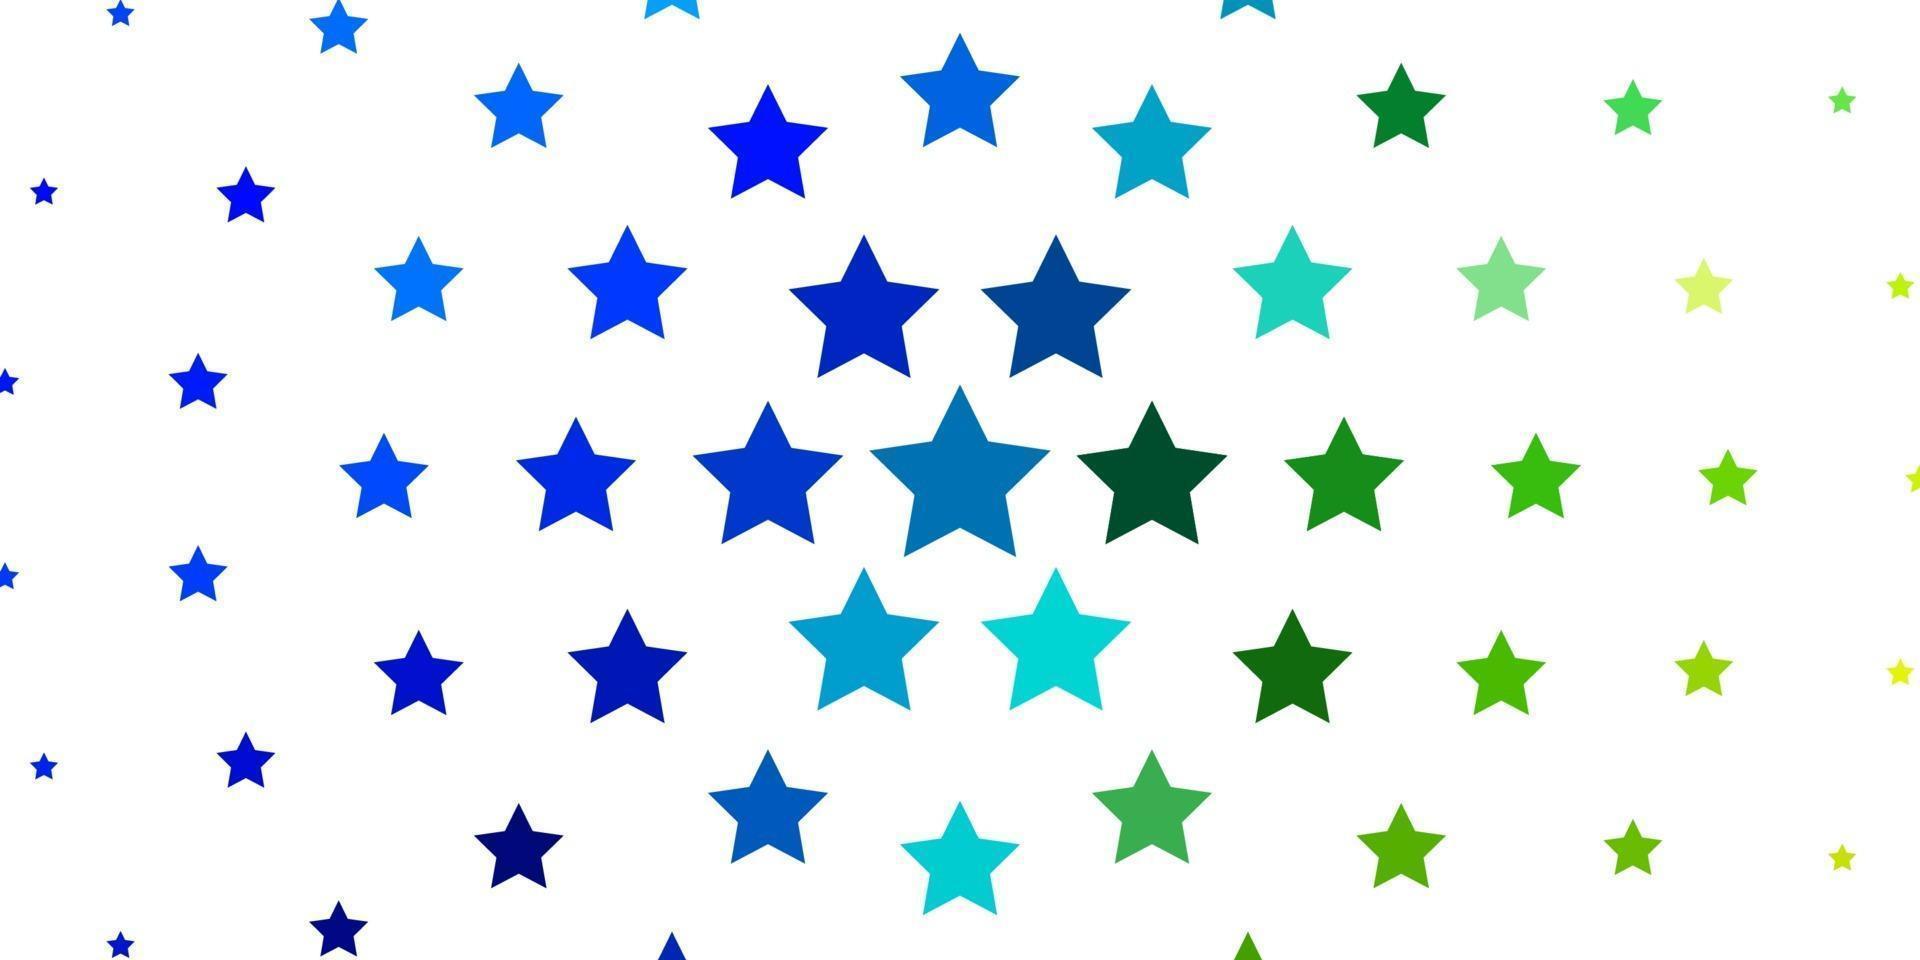 disposition de vecteur bleu clair, vert avec des étoiles brillantes.